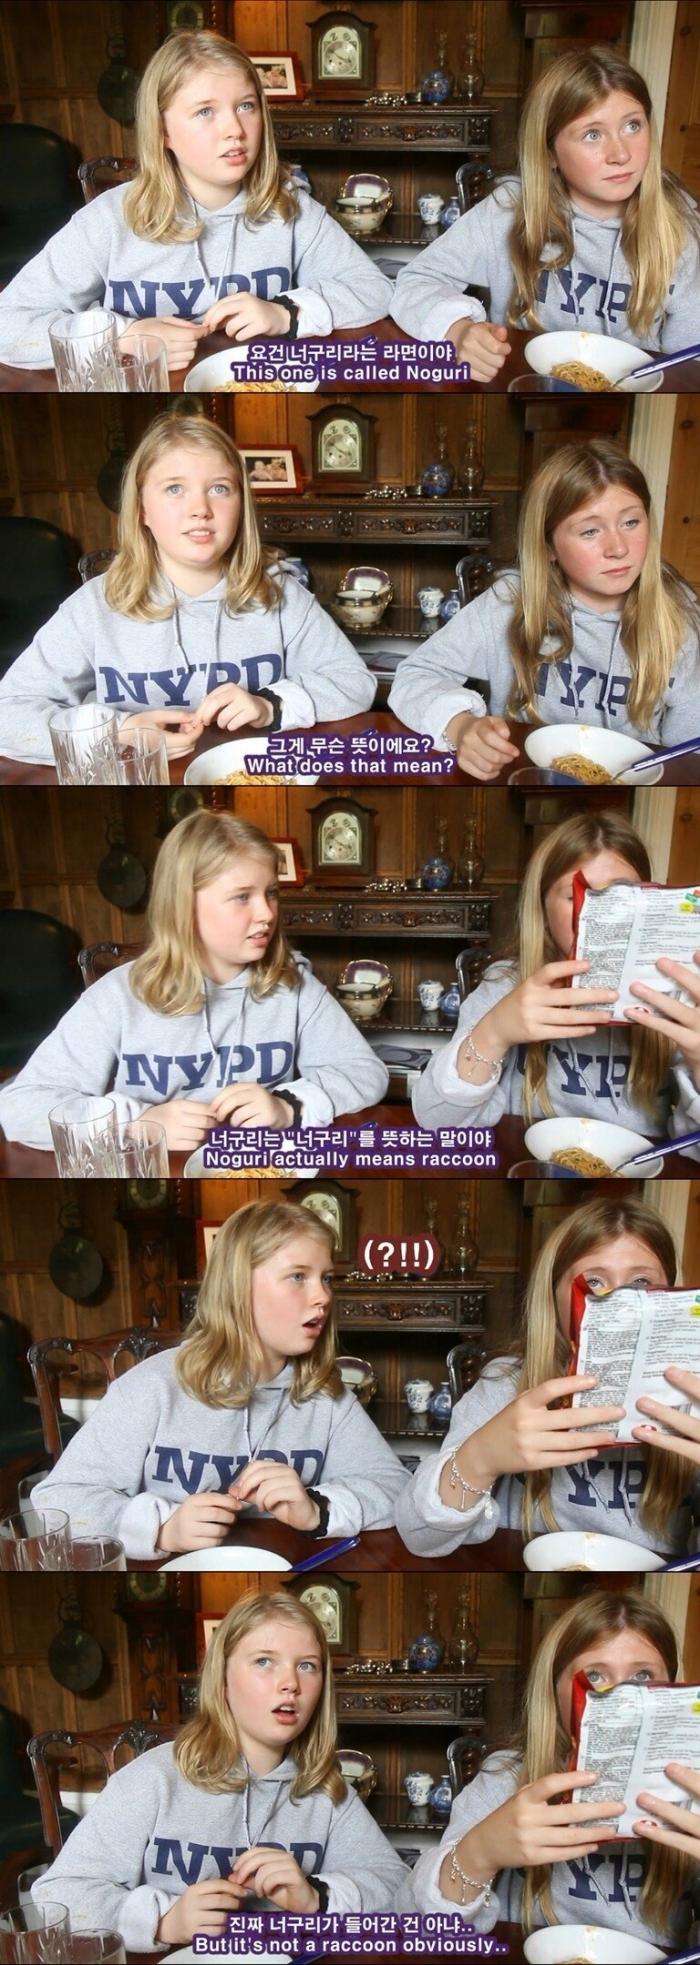 한국 라면을 보고 깜짝 놀란 영국 소녀들.jpg